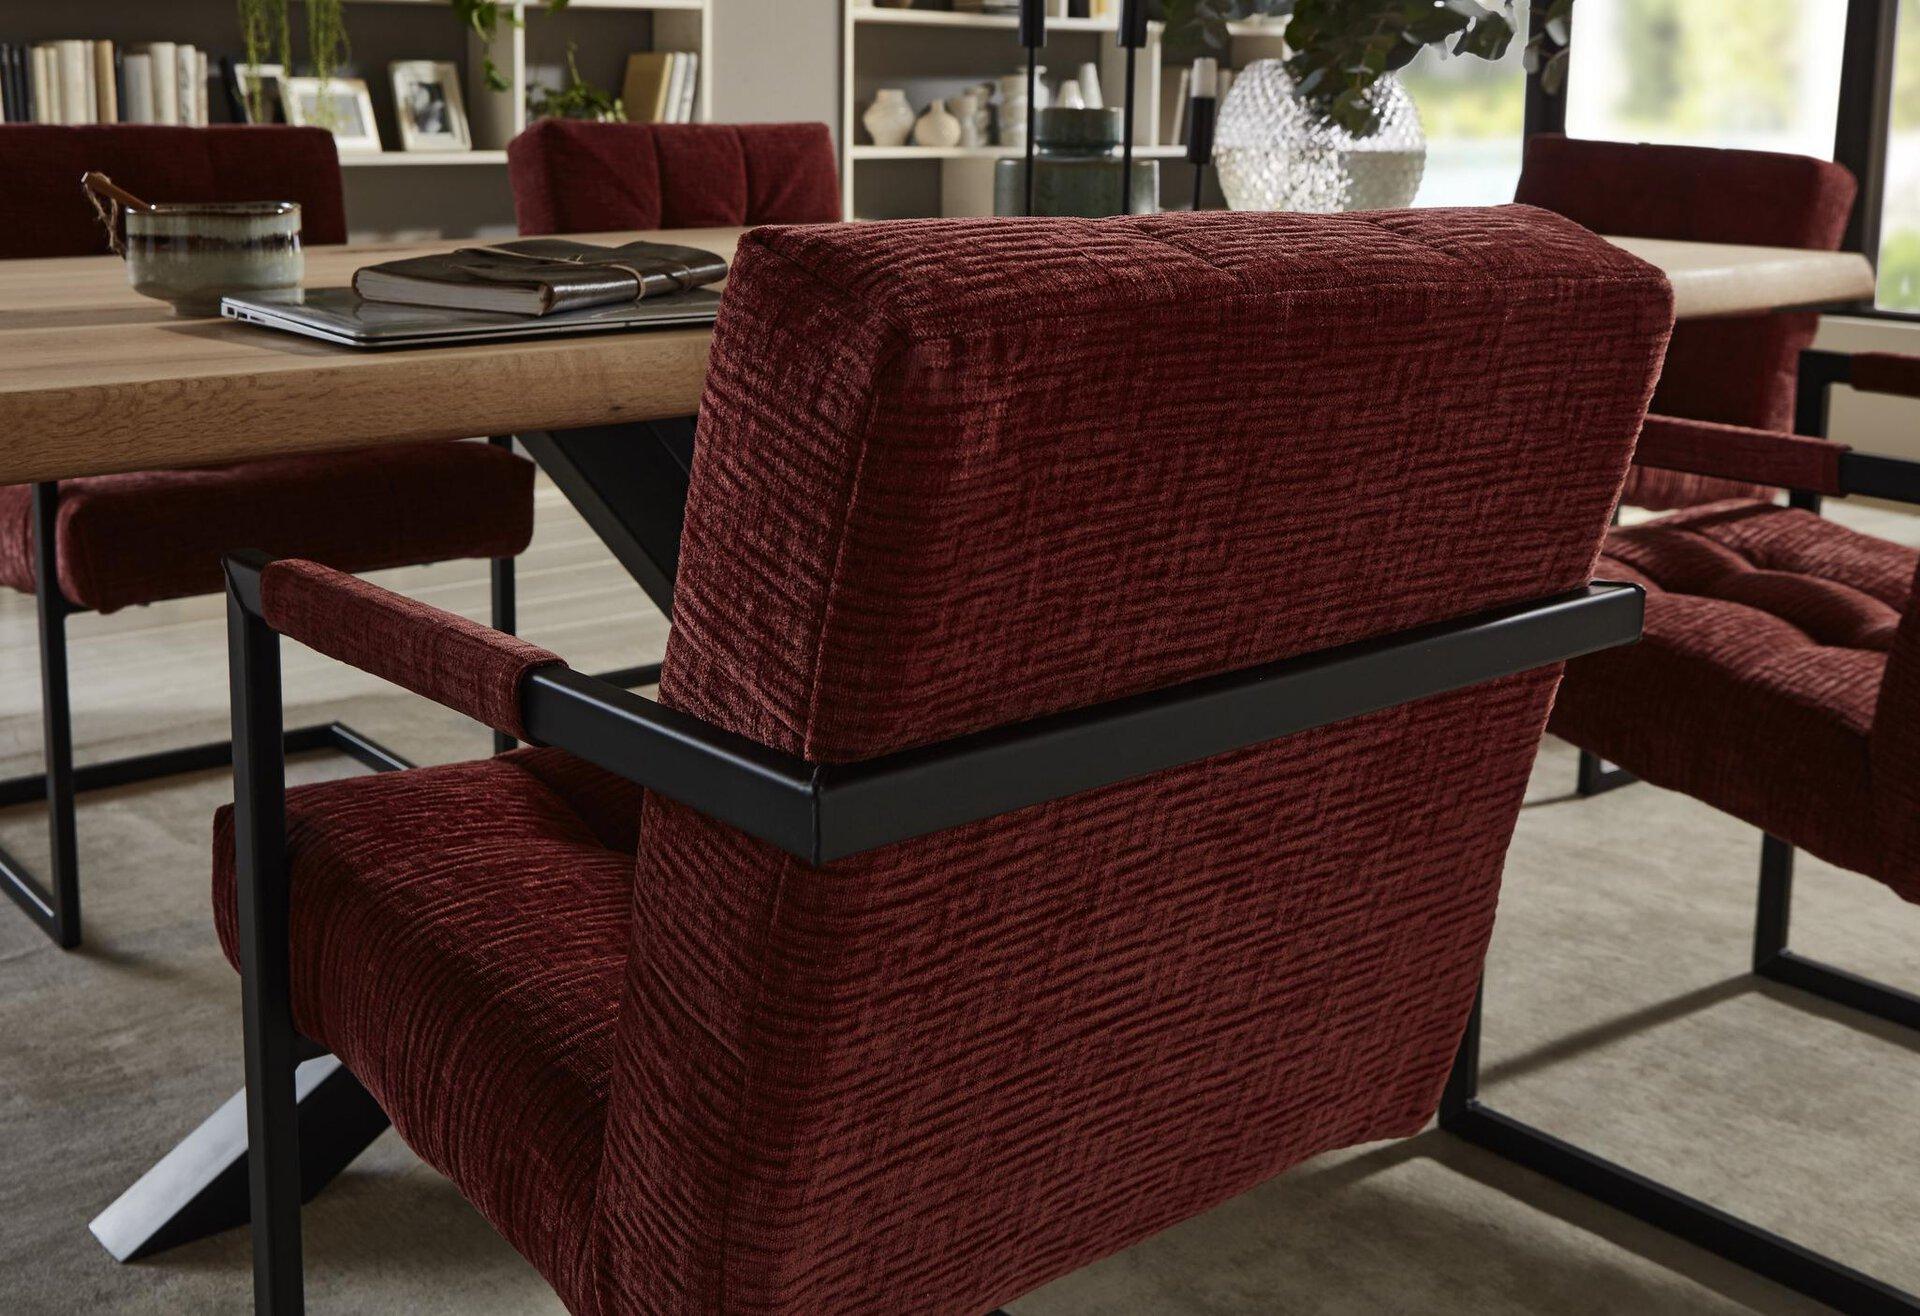 Freischwinger BADSAAL VALMONDO Textil mehrfarbig 64 x 89 x 56 cm